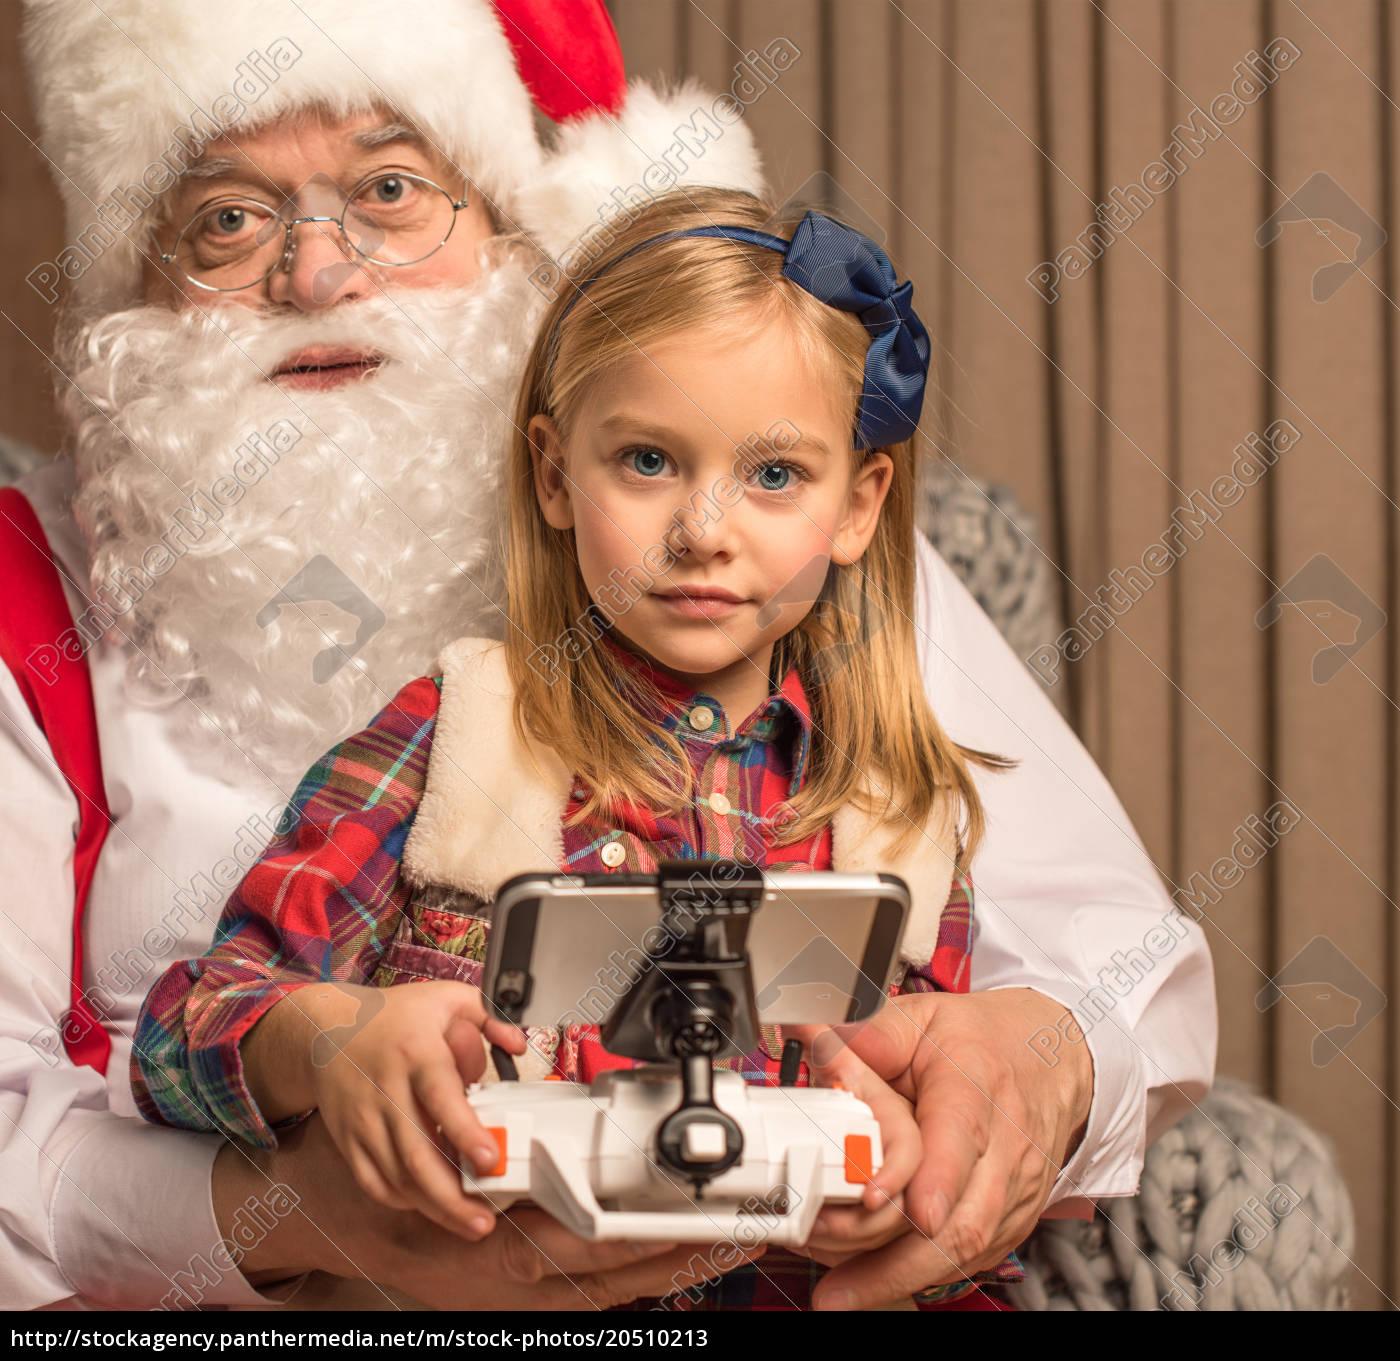 santa, claus, with, kid, looking, at - 20510213